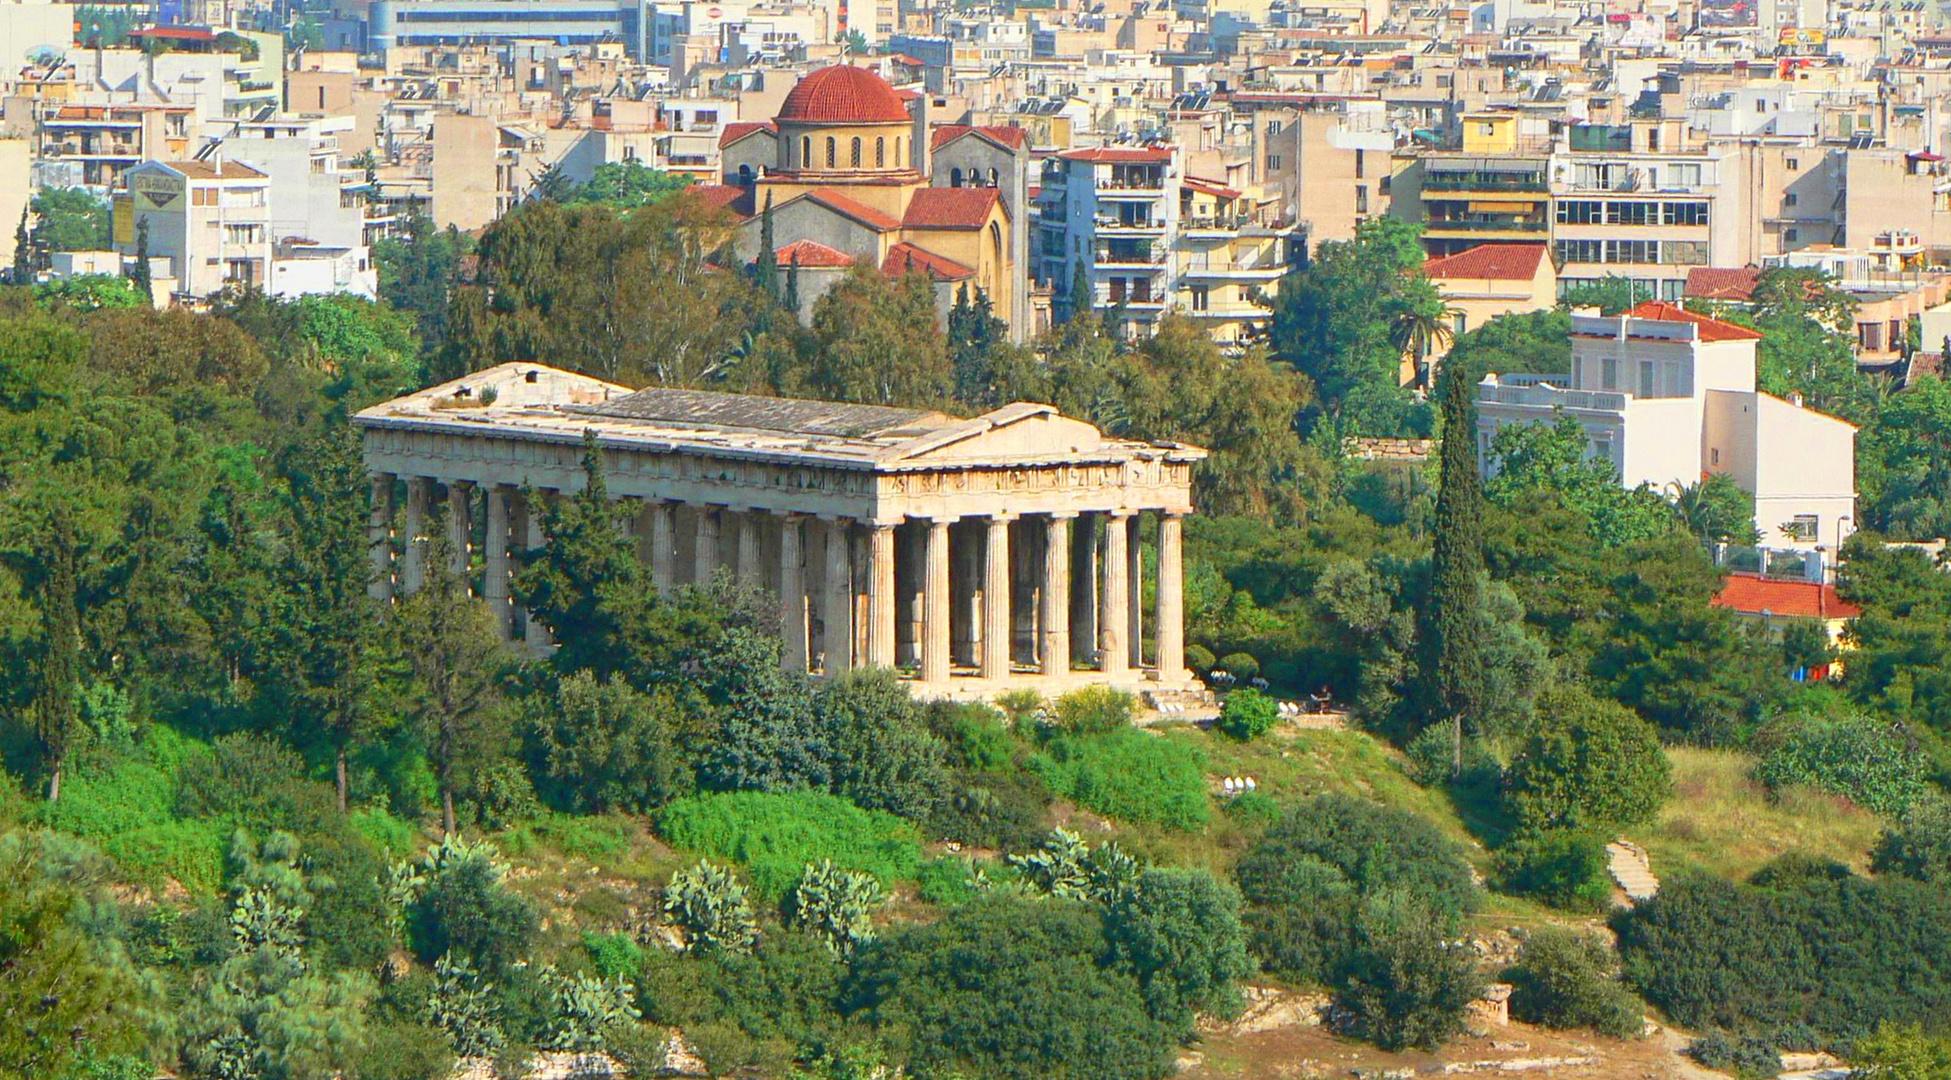 Hephaistos Temple in the Antique Agora